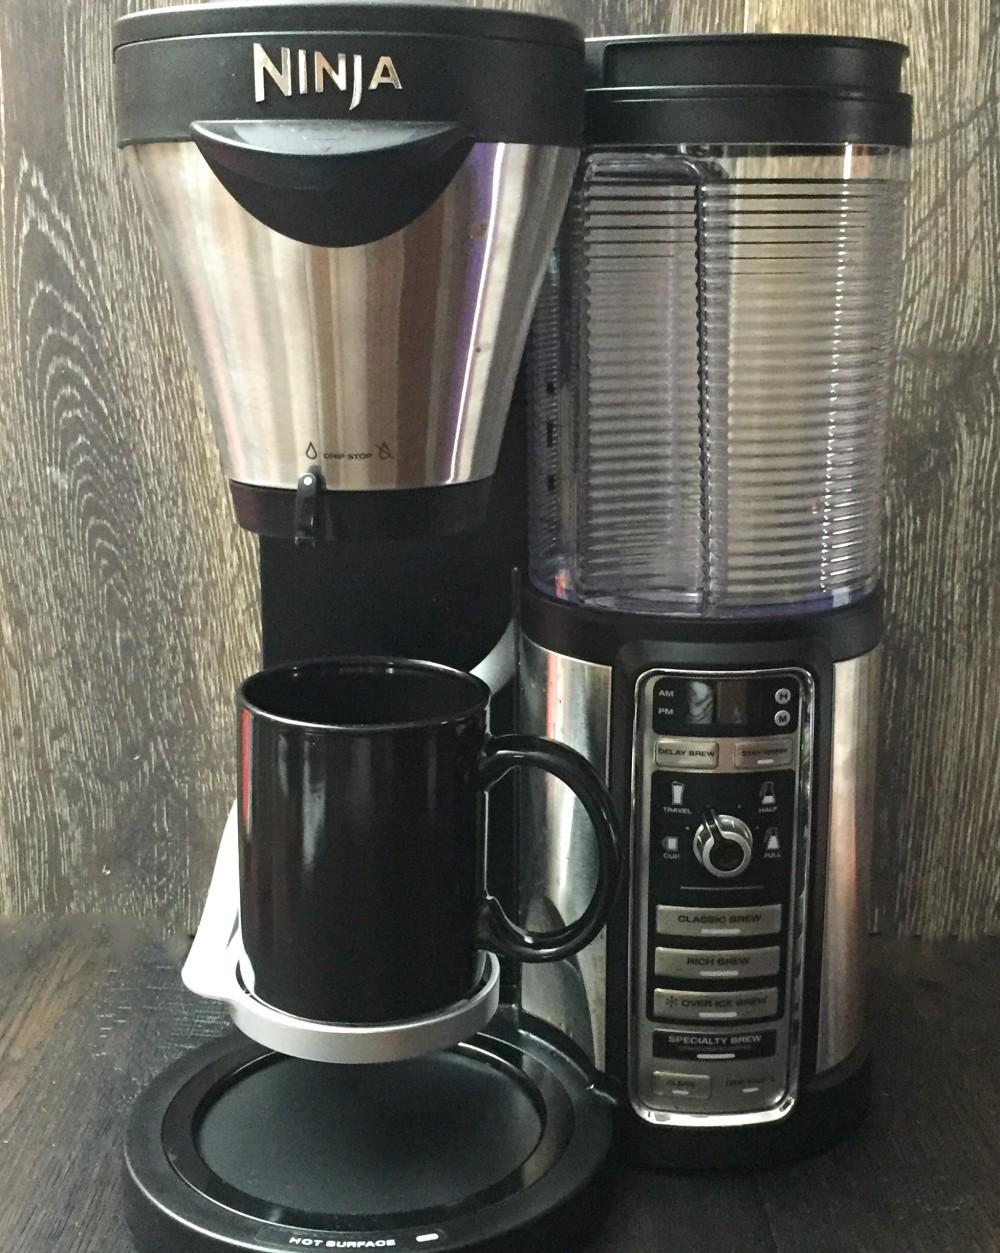 Ninja coffee cup heights